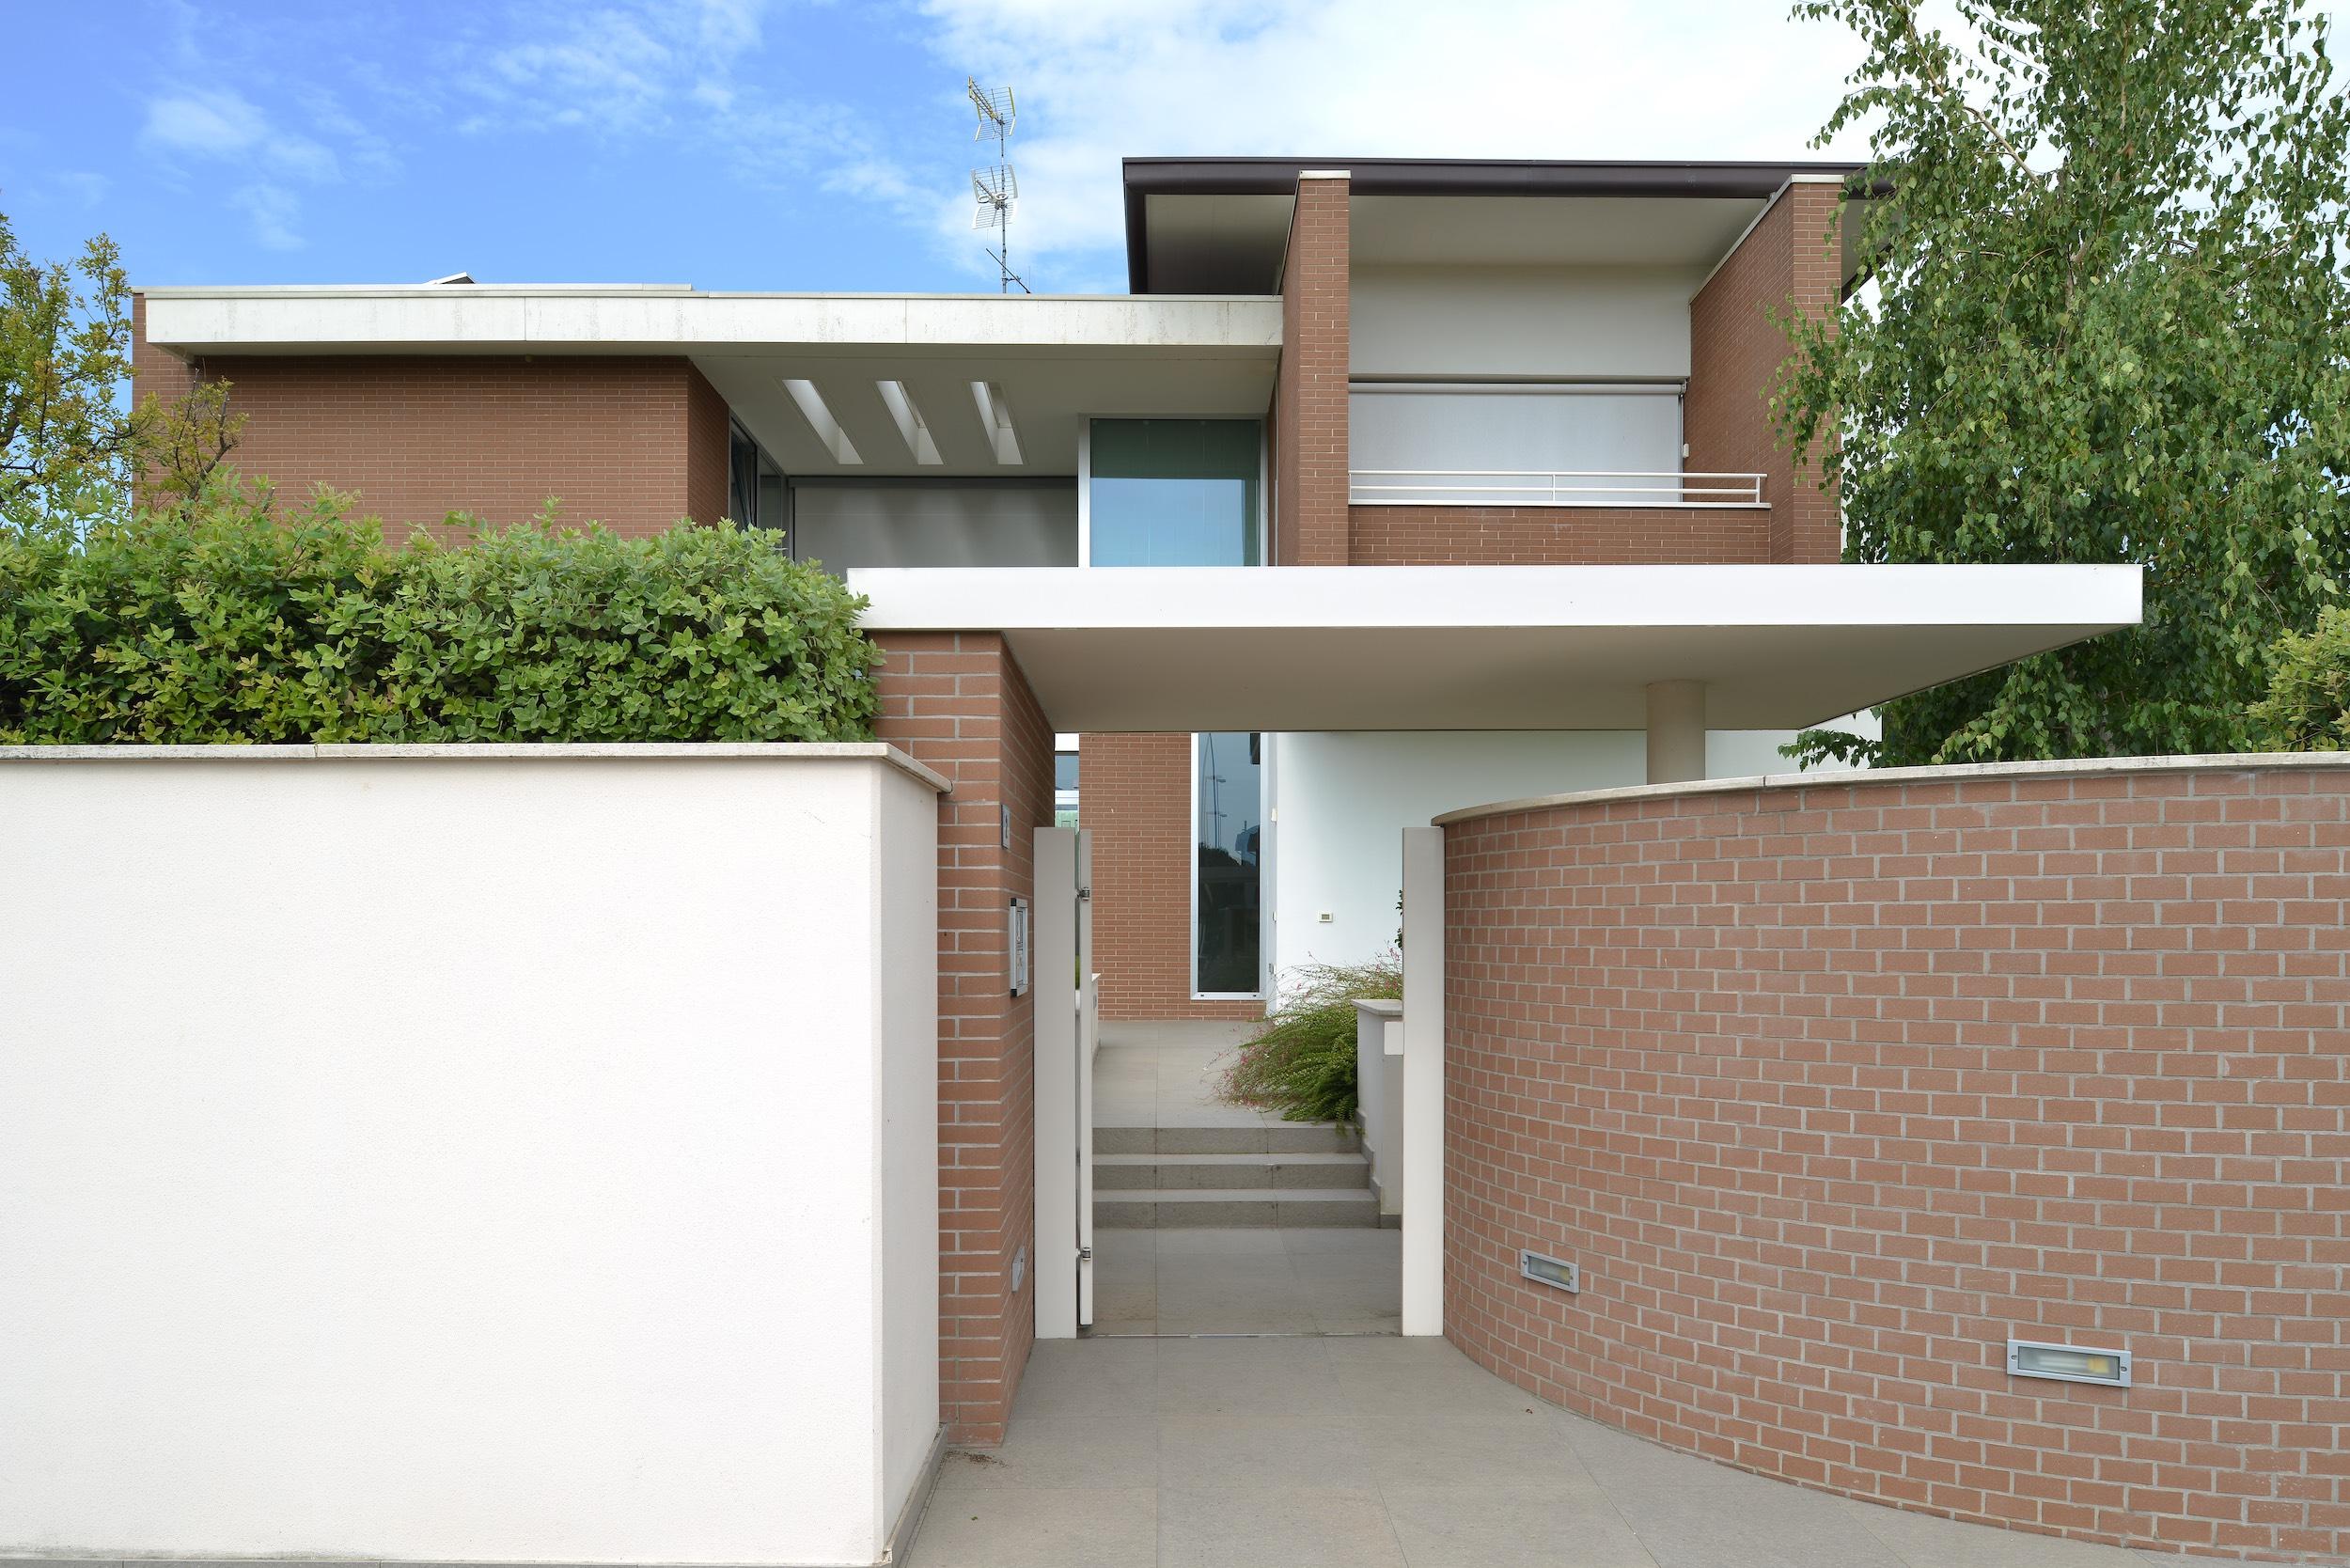 6680 Studio Bacchi Architetti Tura